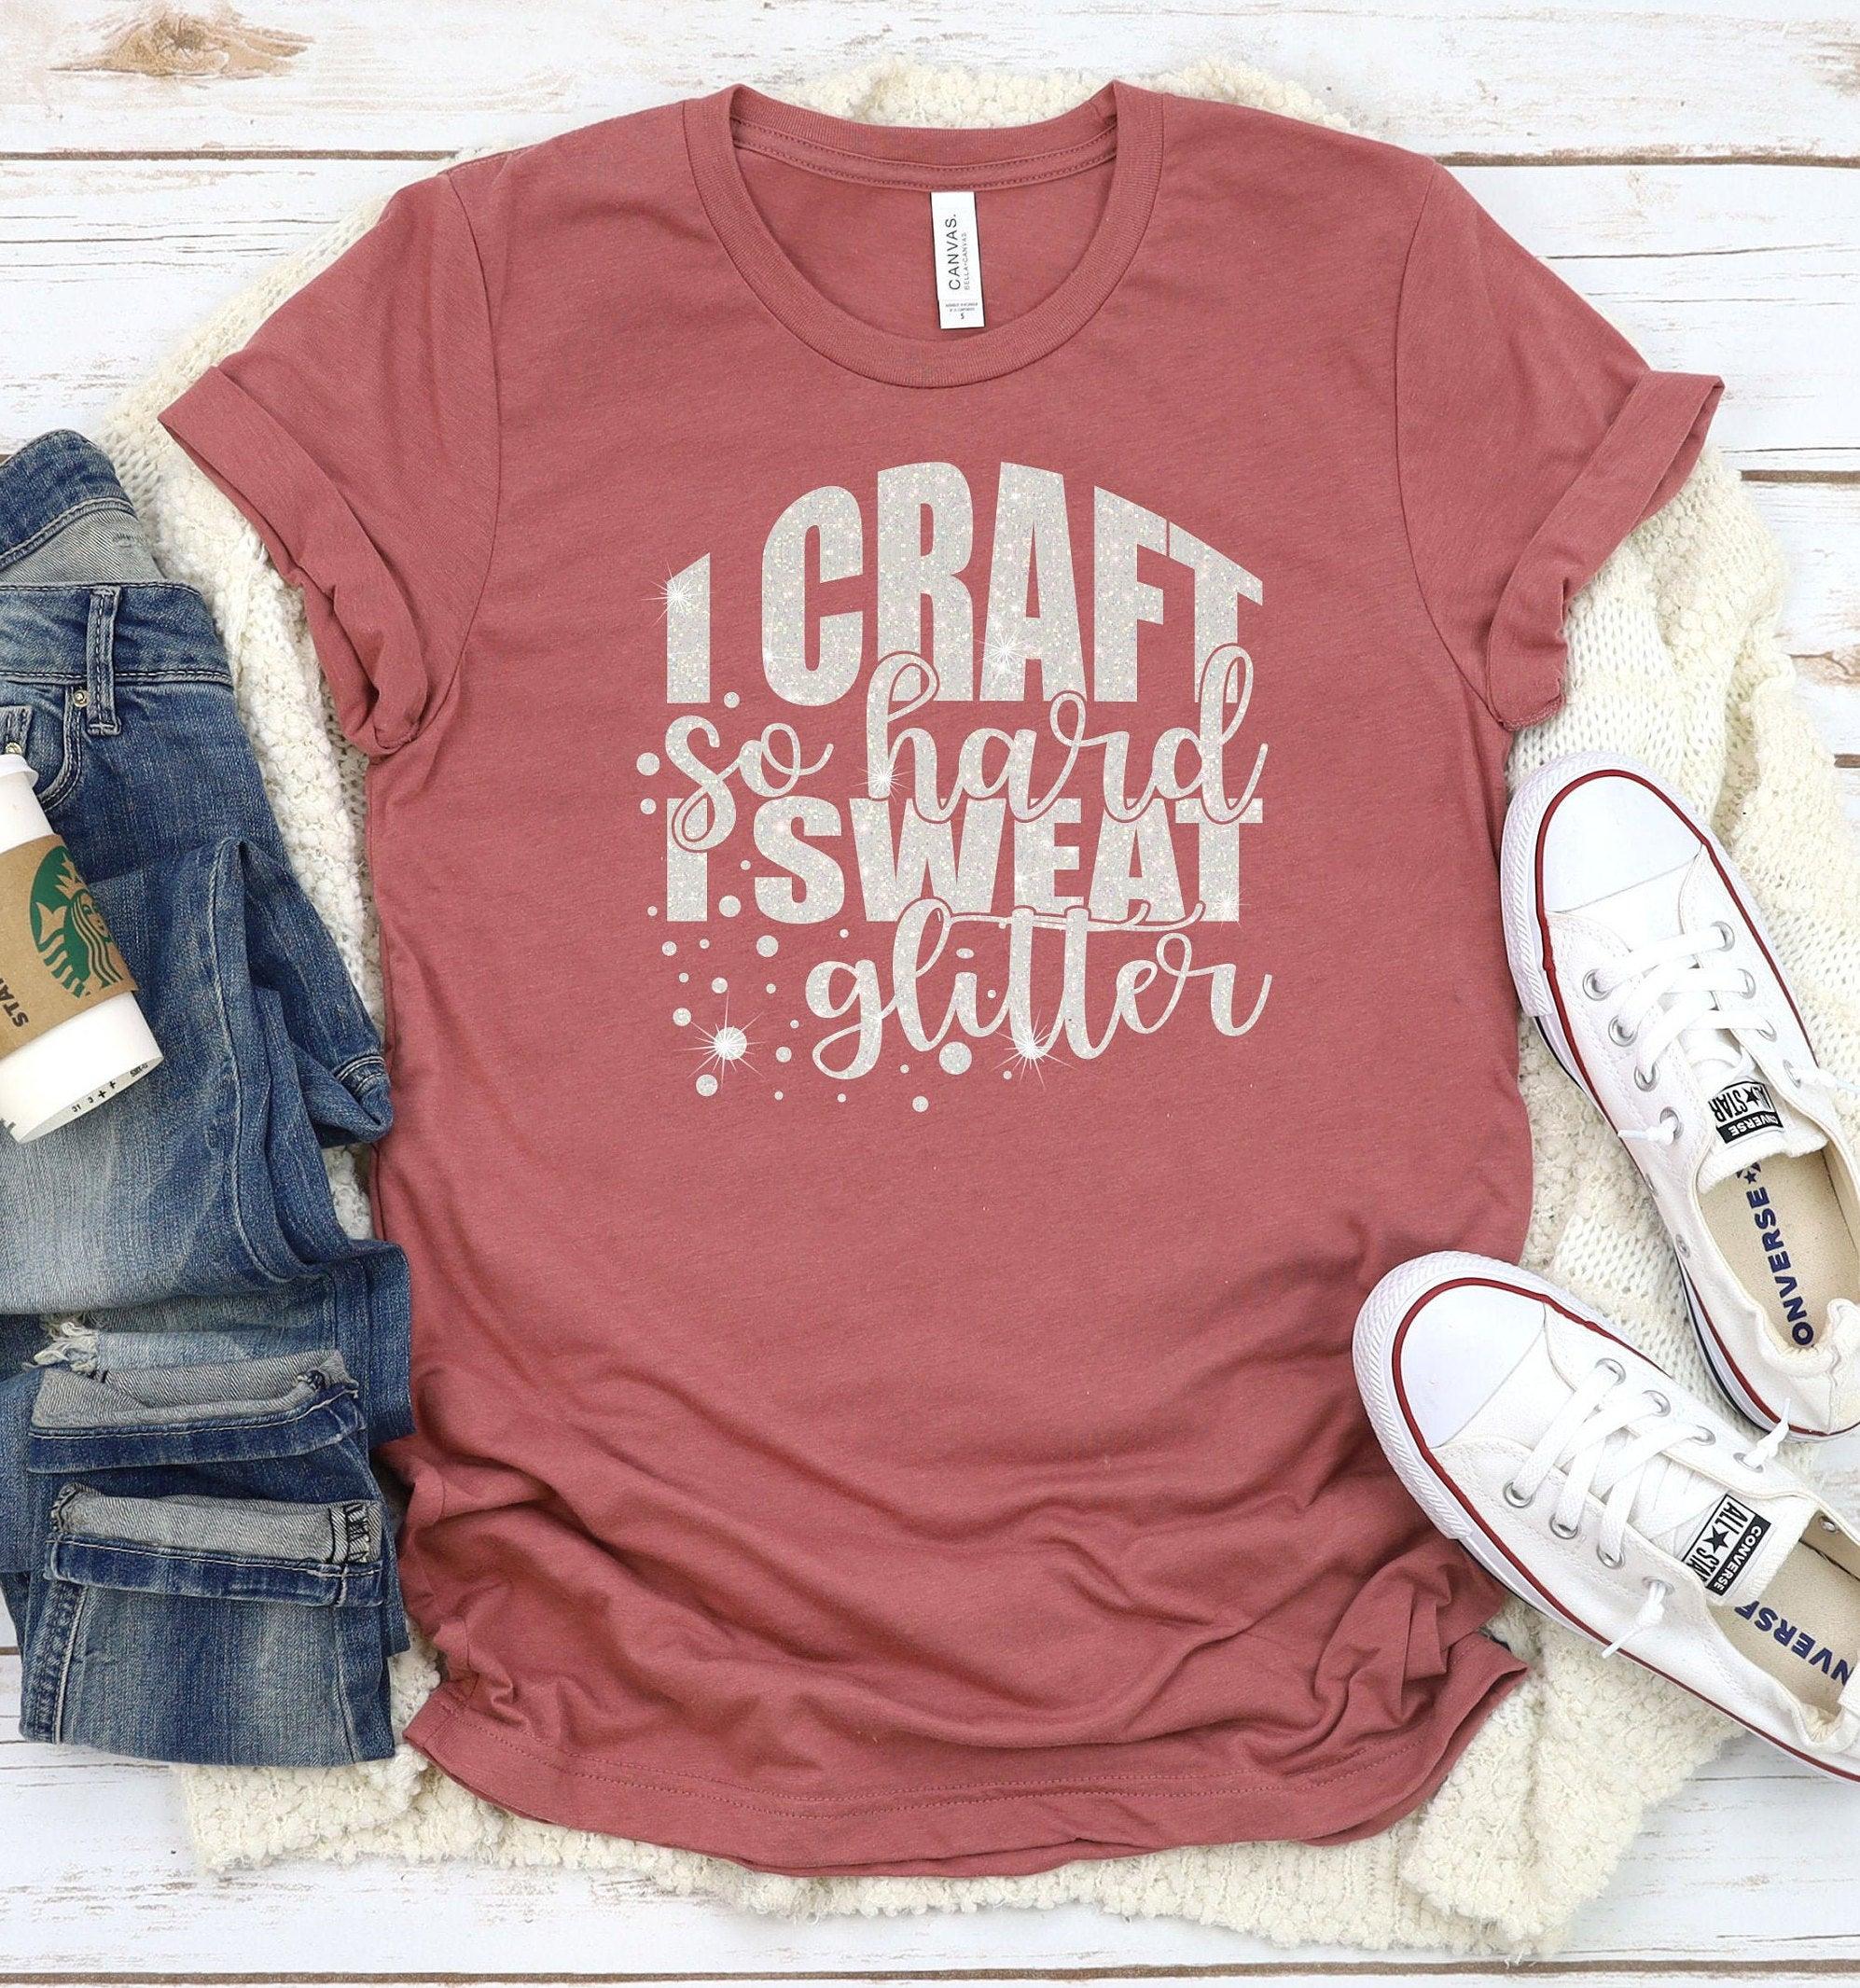 Im-so-crafty-i-sweat-glitter-glitter-svg-craft-svg-crafty-saying-craft-svg-craft-svg-designs-craft-cut-file-craft-svg-for-cricut-60512e89